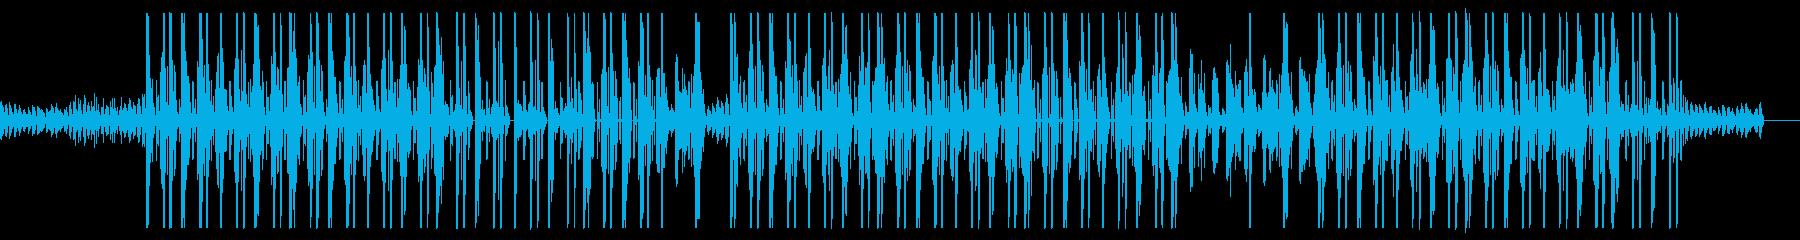 ローファイな王宮風ヒップホップビートの再生済みの波形